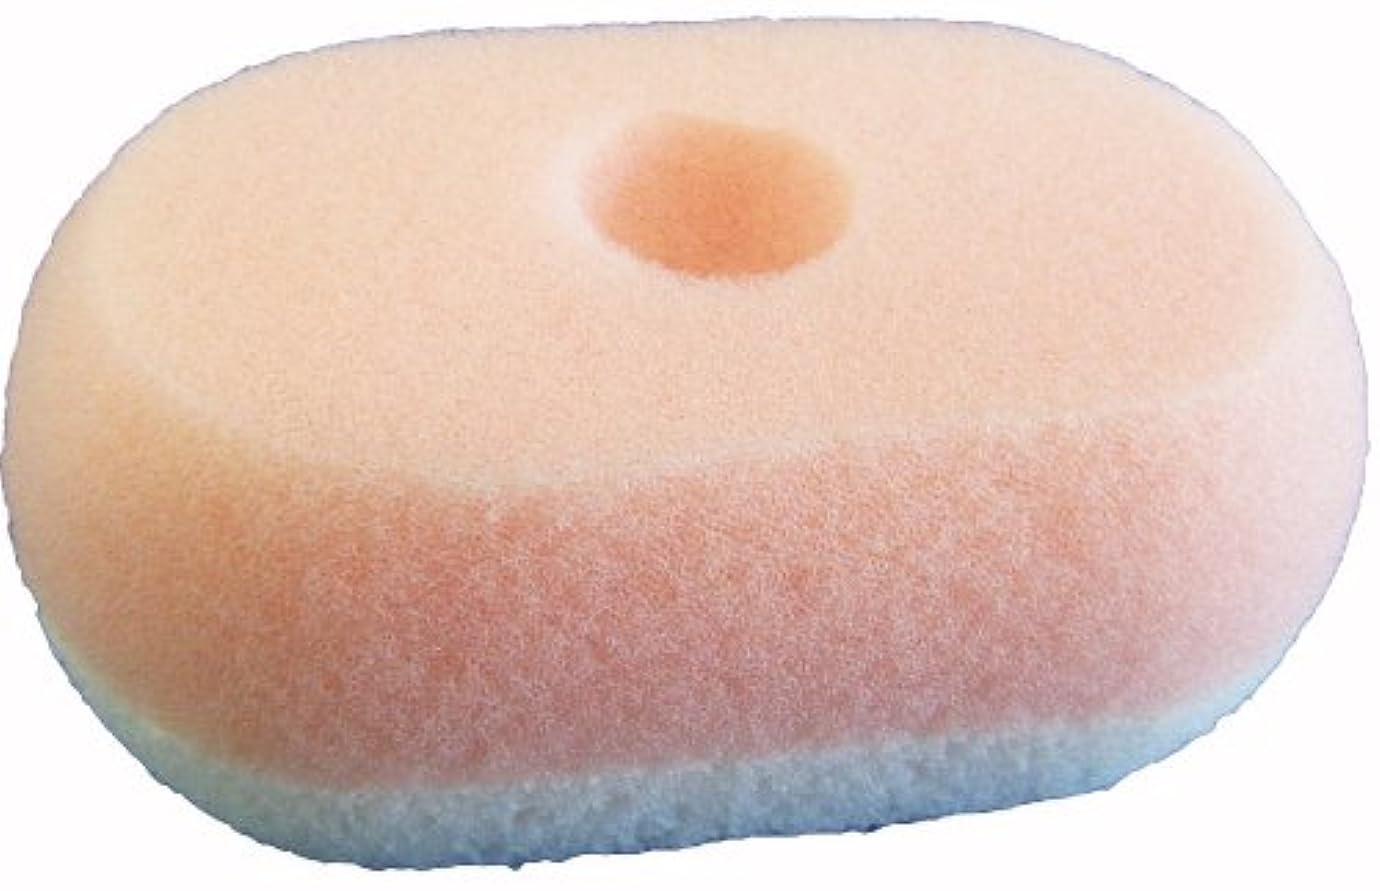 揃える群衆味オーエ ボディスポンジ ピンク 約縦13.3×横8.3×奥行5.2cm nf ソフト&ハード ボディソープを入れる くぼみ付き